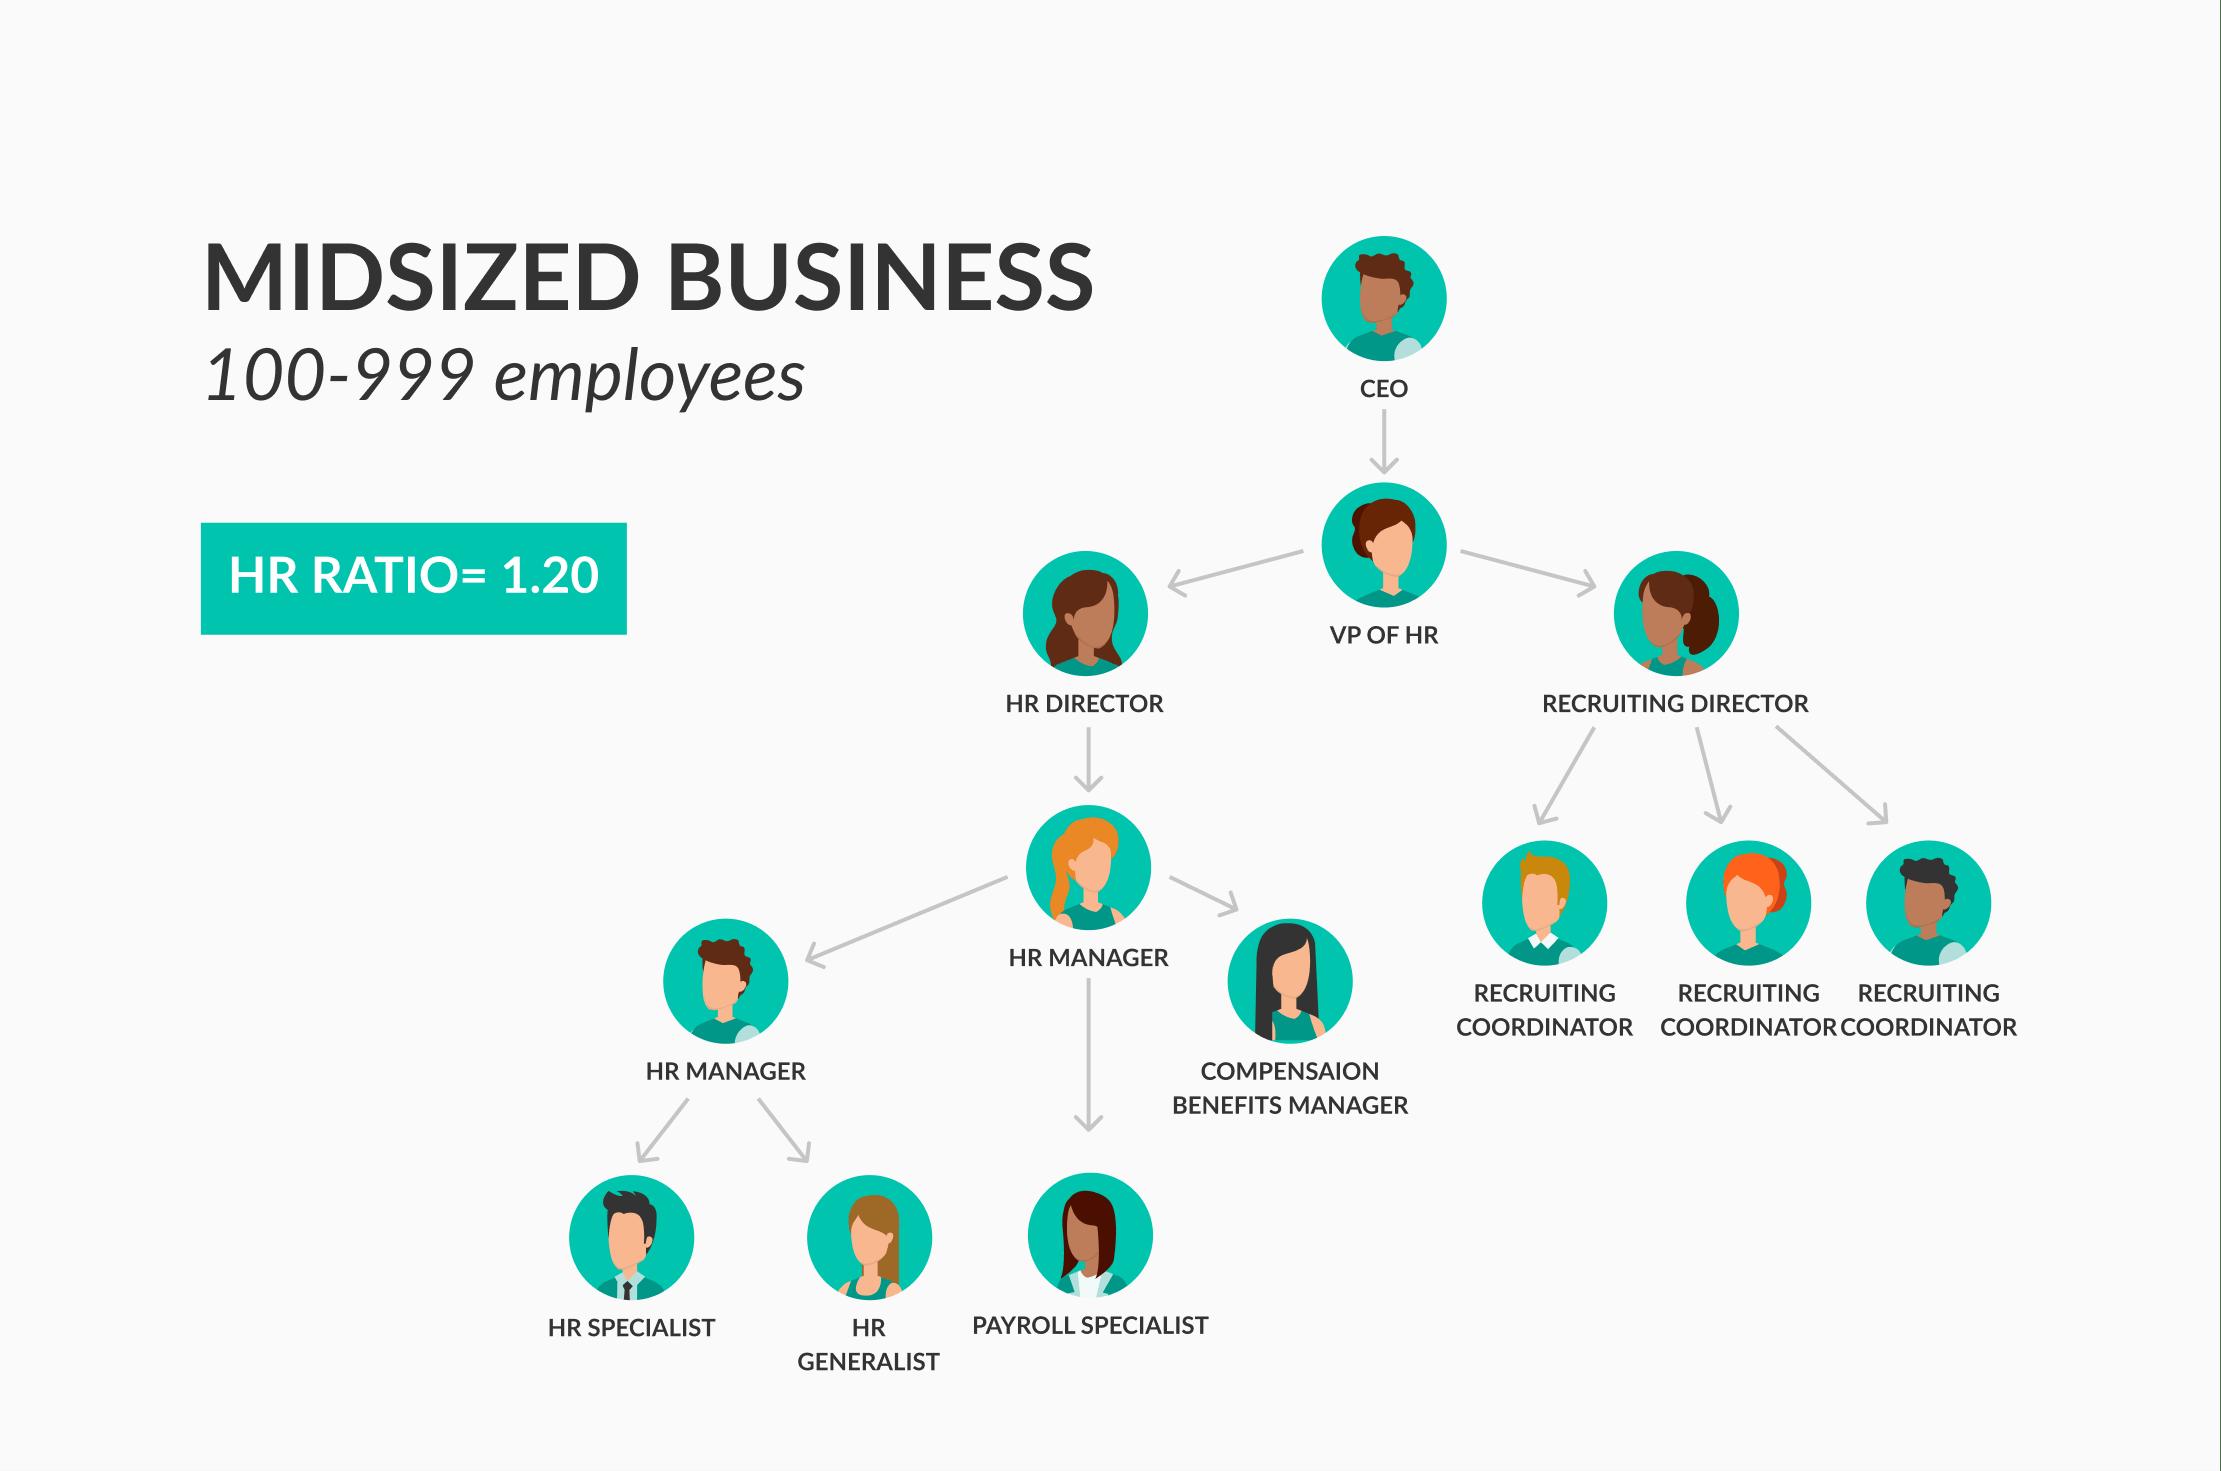 modelo de organizacion para mediana empresa